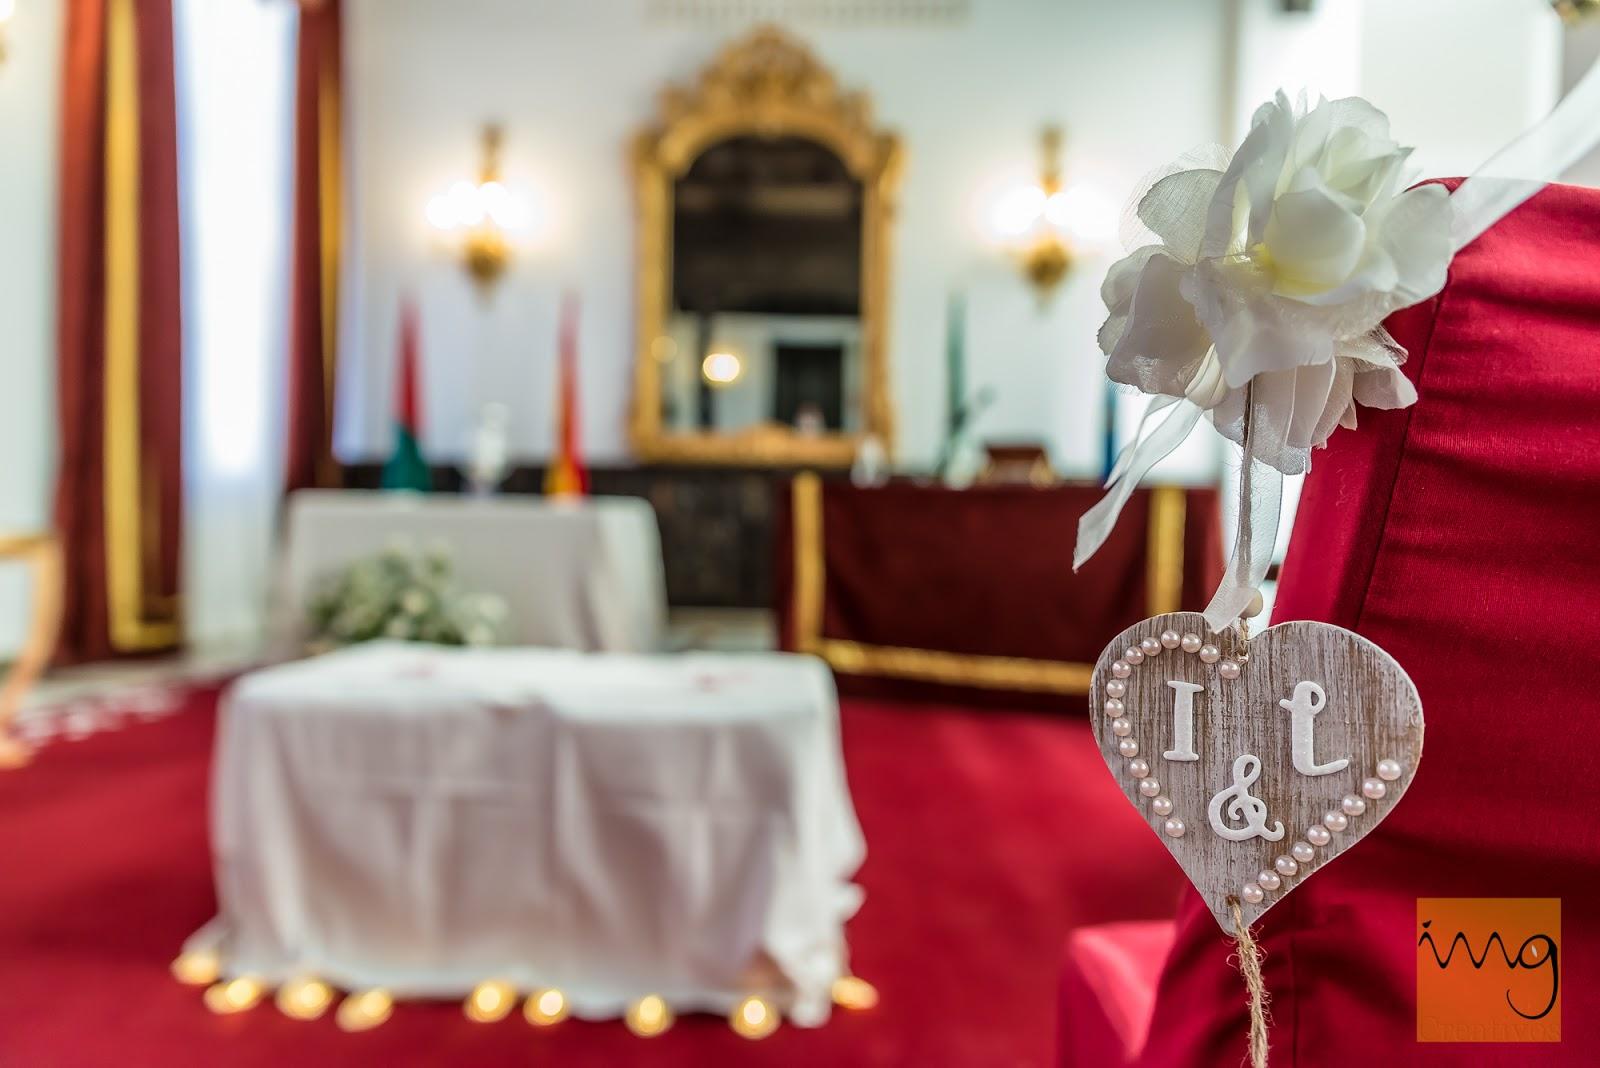 Fotografía de boda. Detalle de la decoración